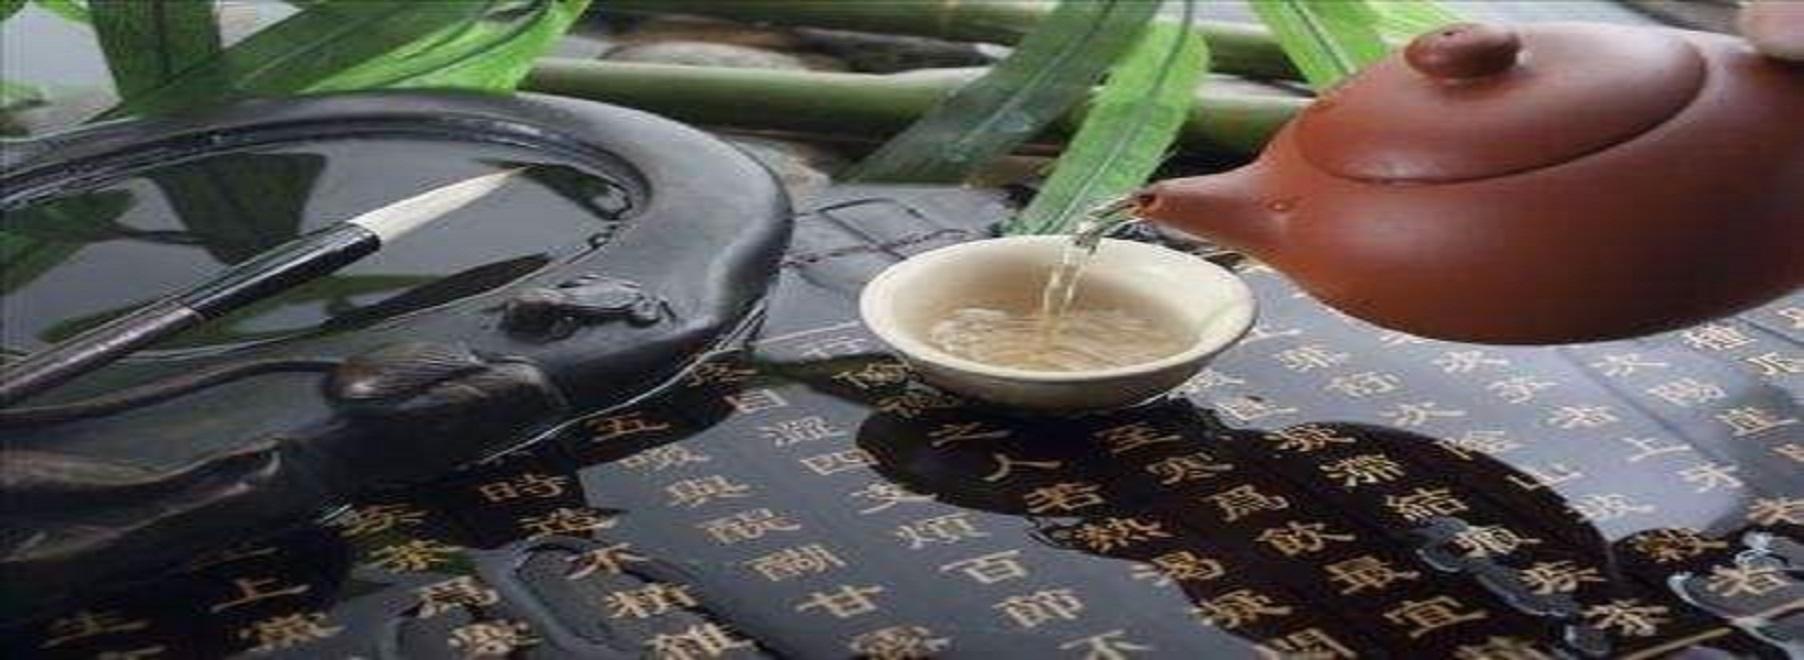 国际茶叶标准化会议在杭州召开